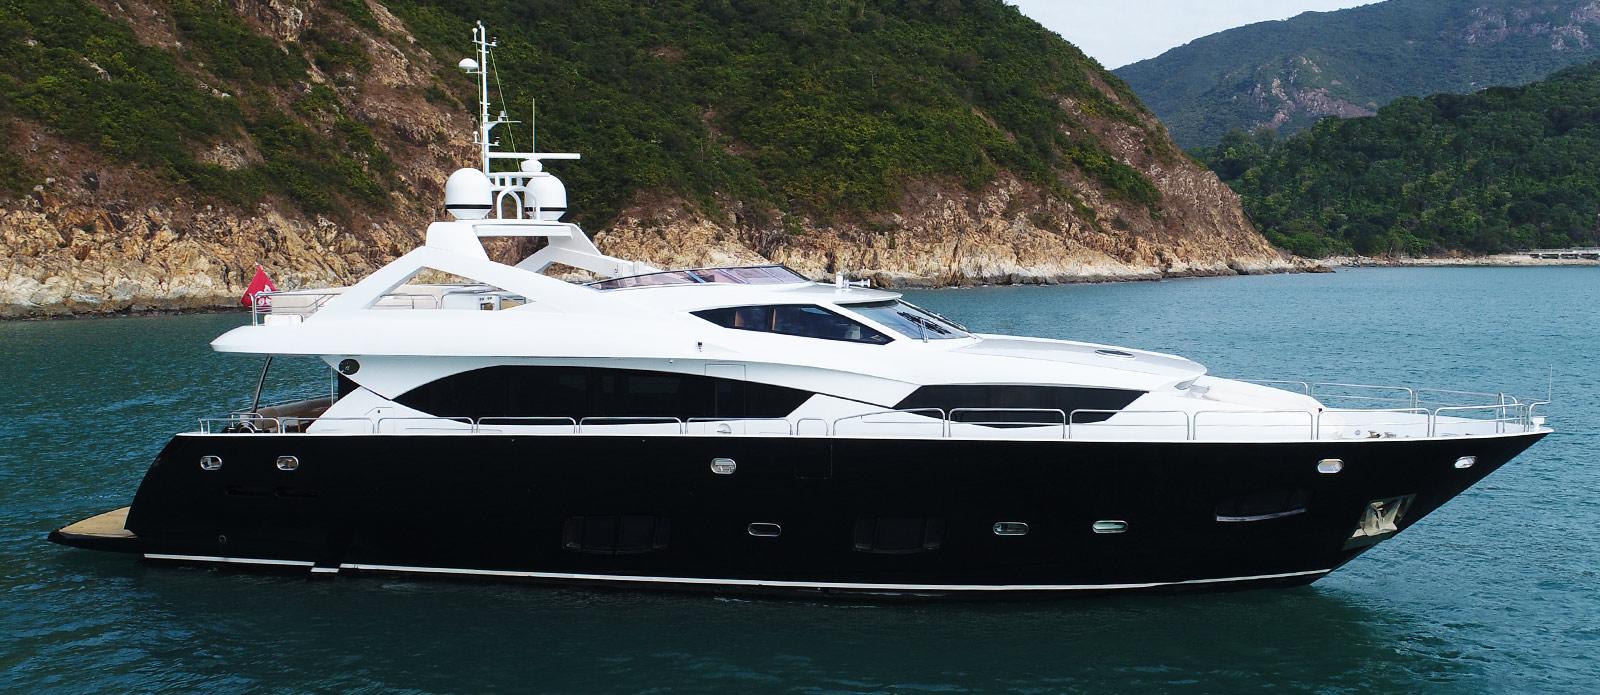 Sunseeker-30-Metre-Yacht-Coraysa-Side-Profile